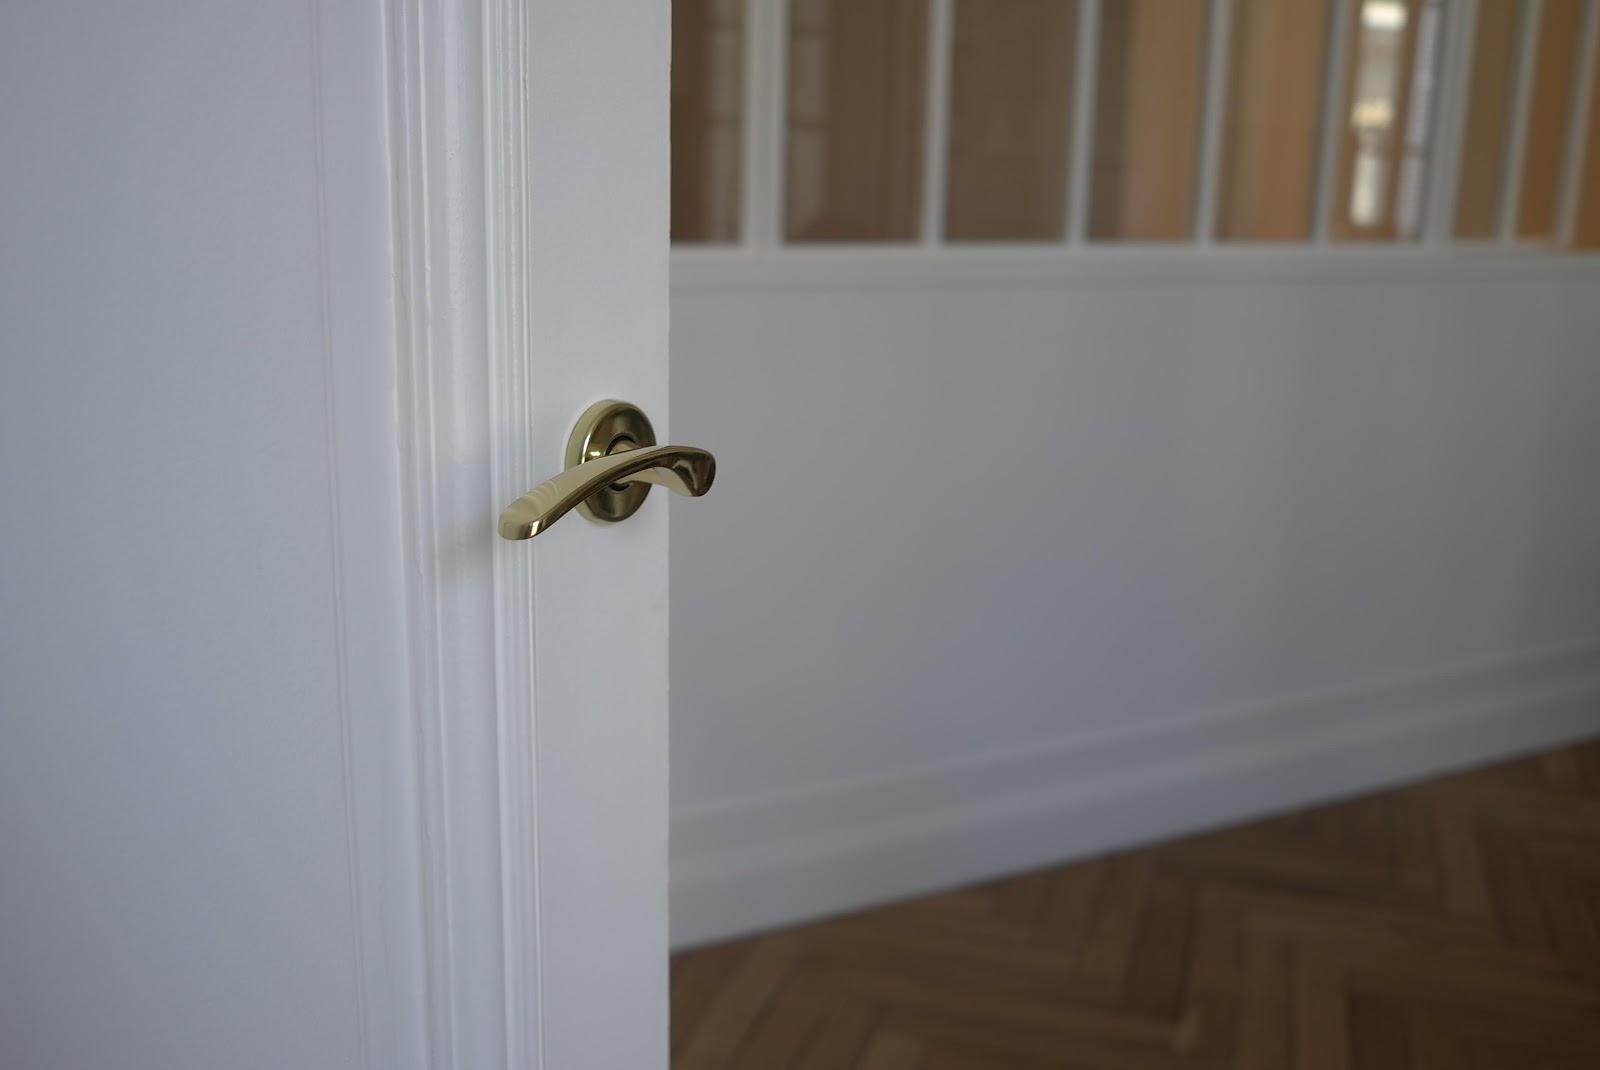 projet rue vitale carles bordeaux sylvain lallemand decorateur bordeaux. Black Bedroom Furniture Sets. Home Design Ideas